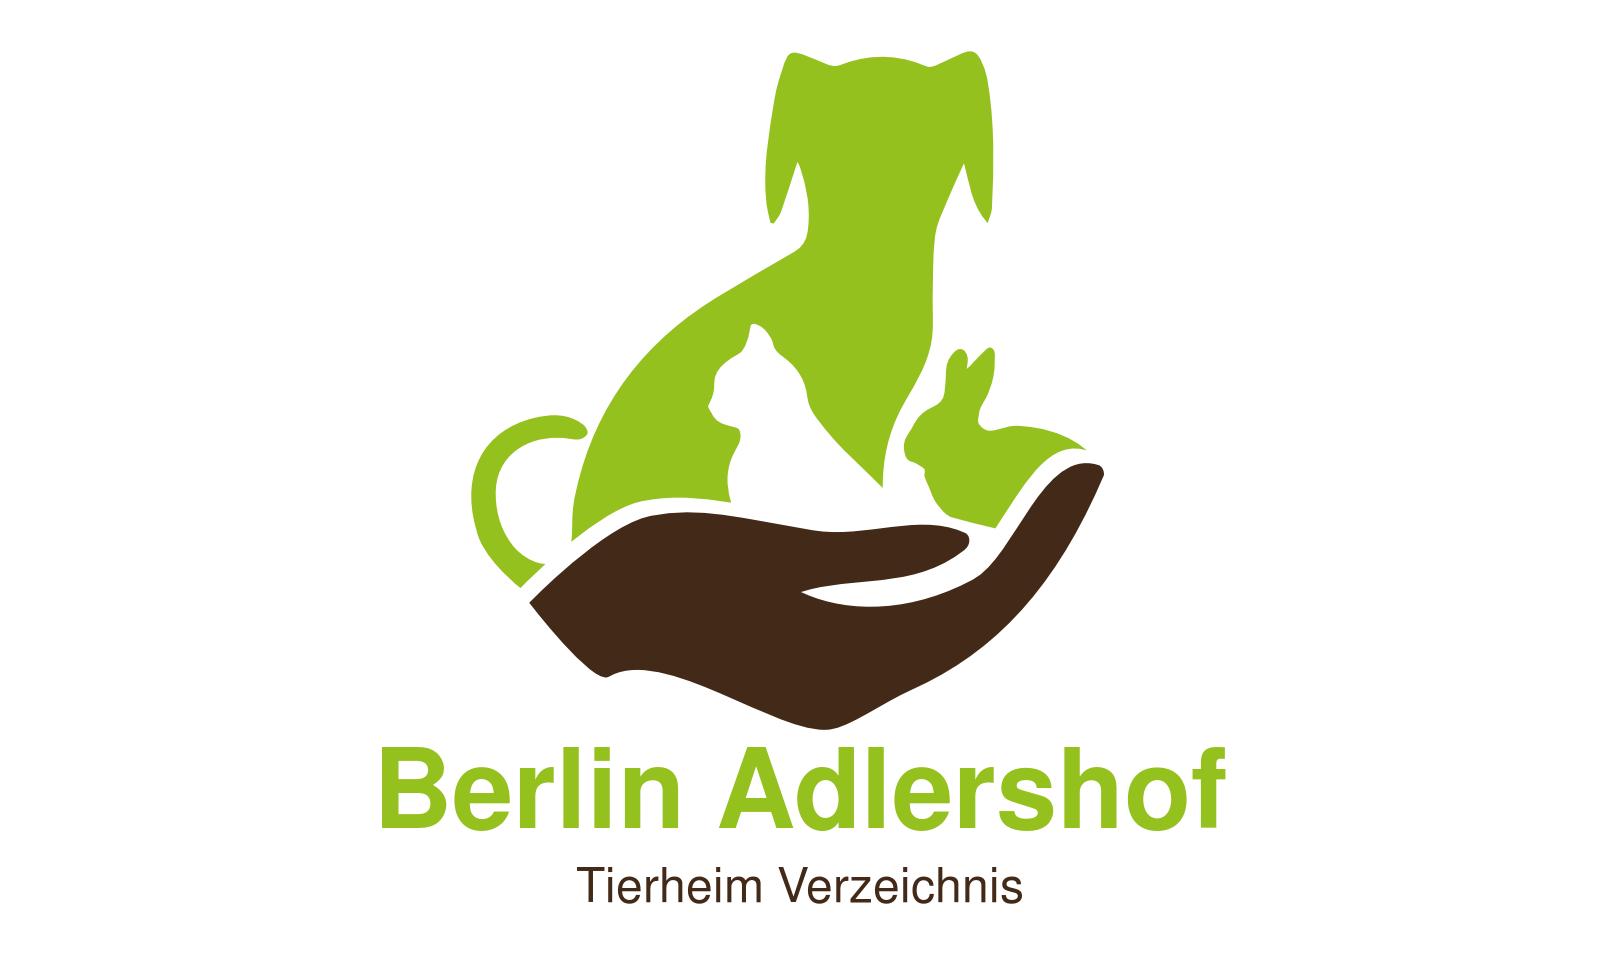 Tierheim Berlin Adlershof